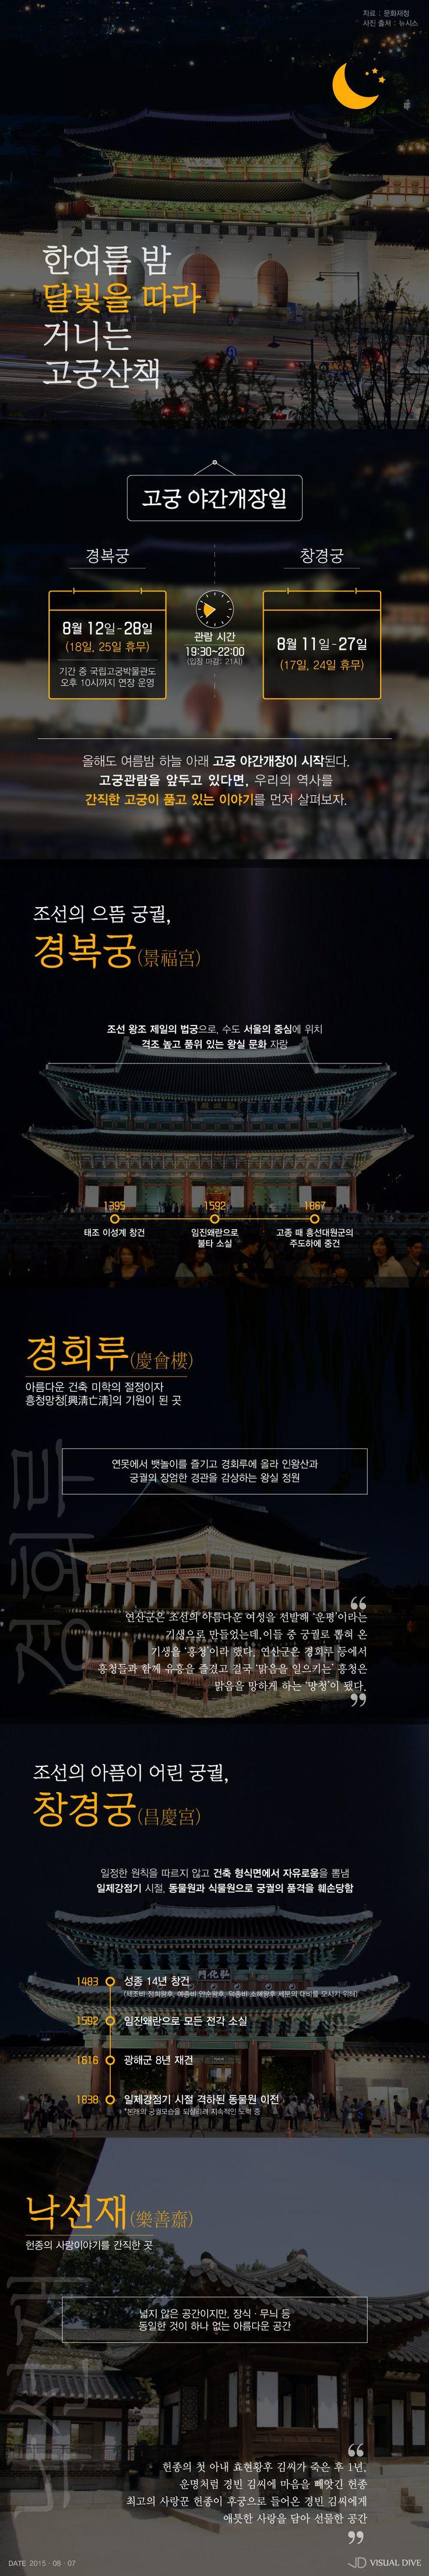 한여름 밤 달빛 분위기 가득 '고궁산책' [인포그래픽] #Palace / #Infographic ⓒ 비주얼다이브 무단 복사·전재·재배포 금지